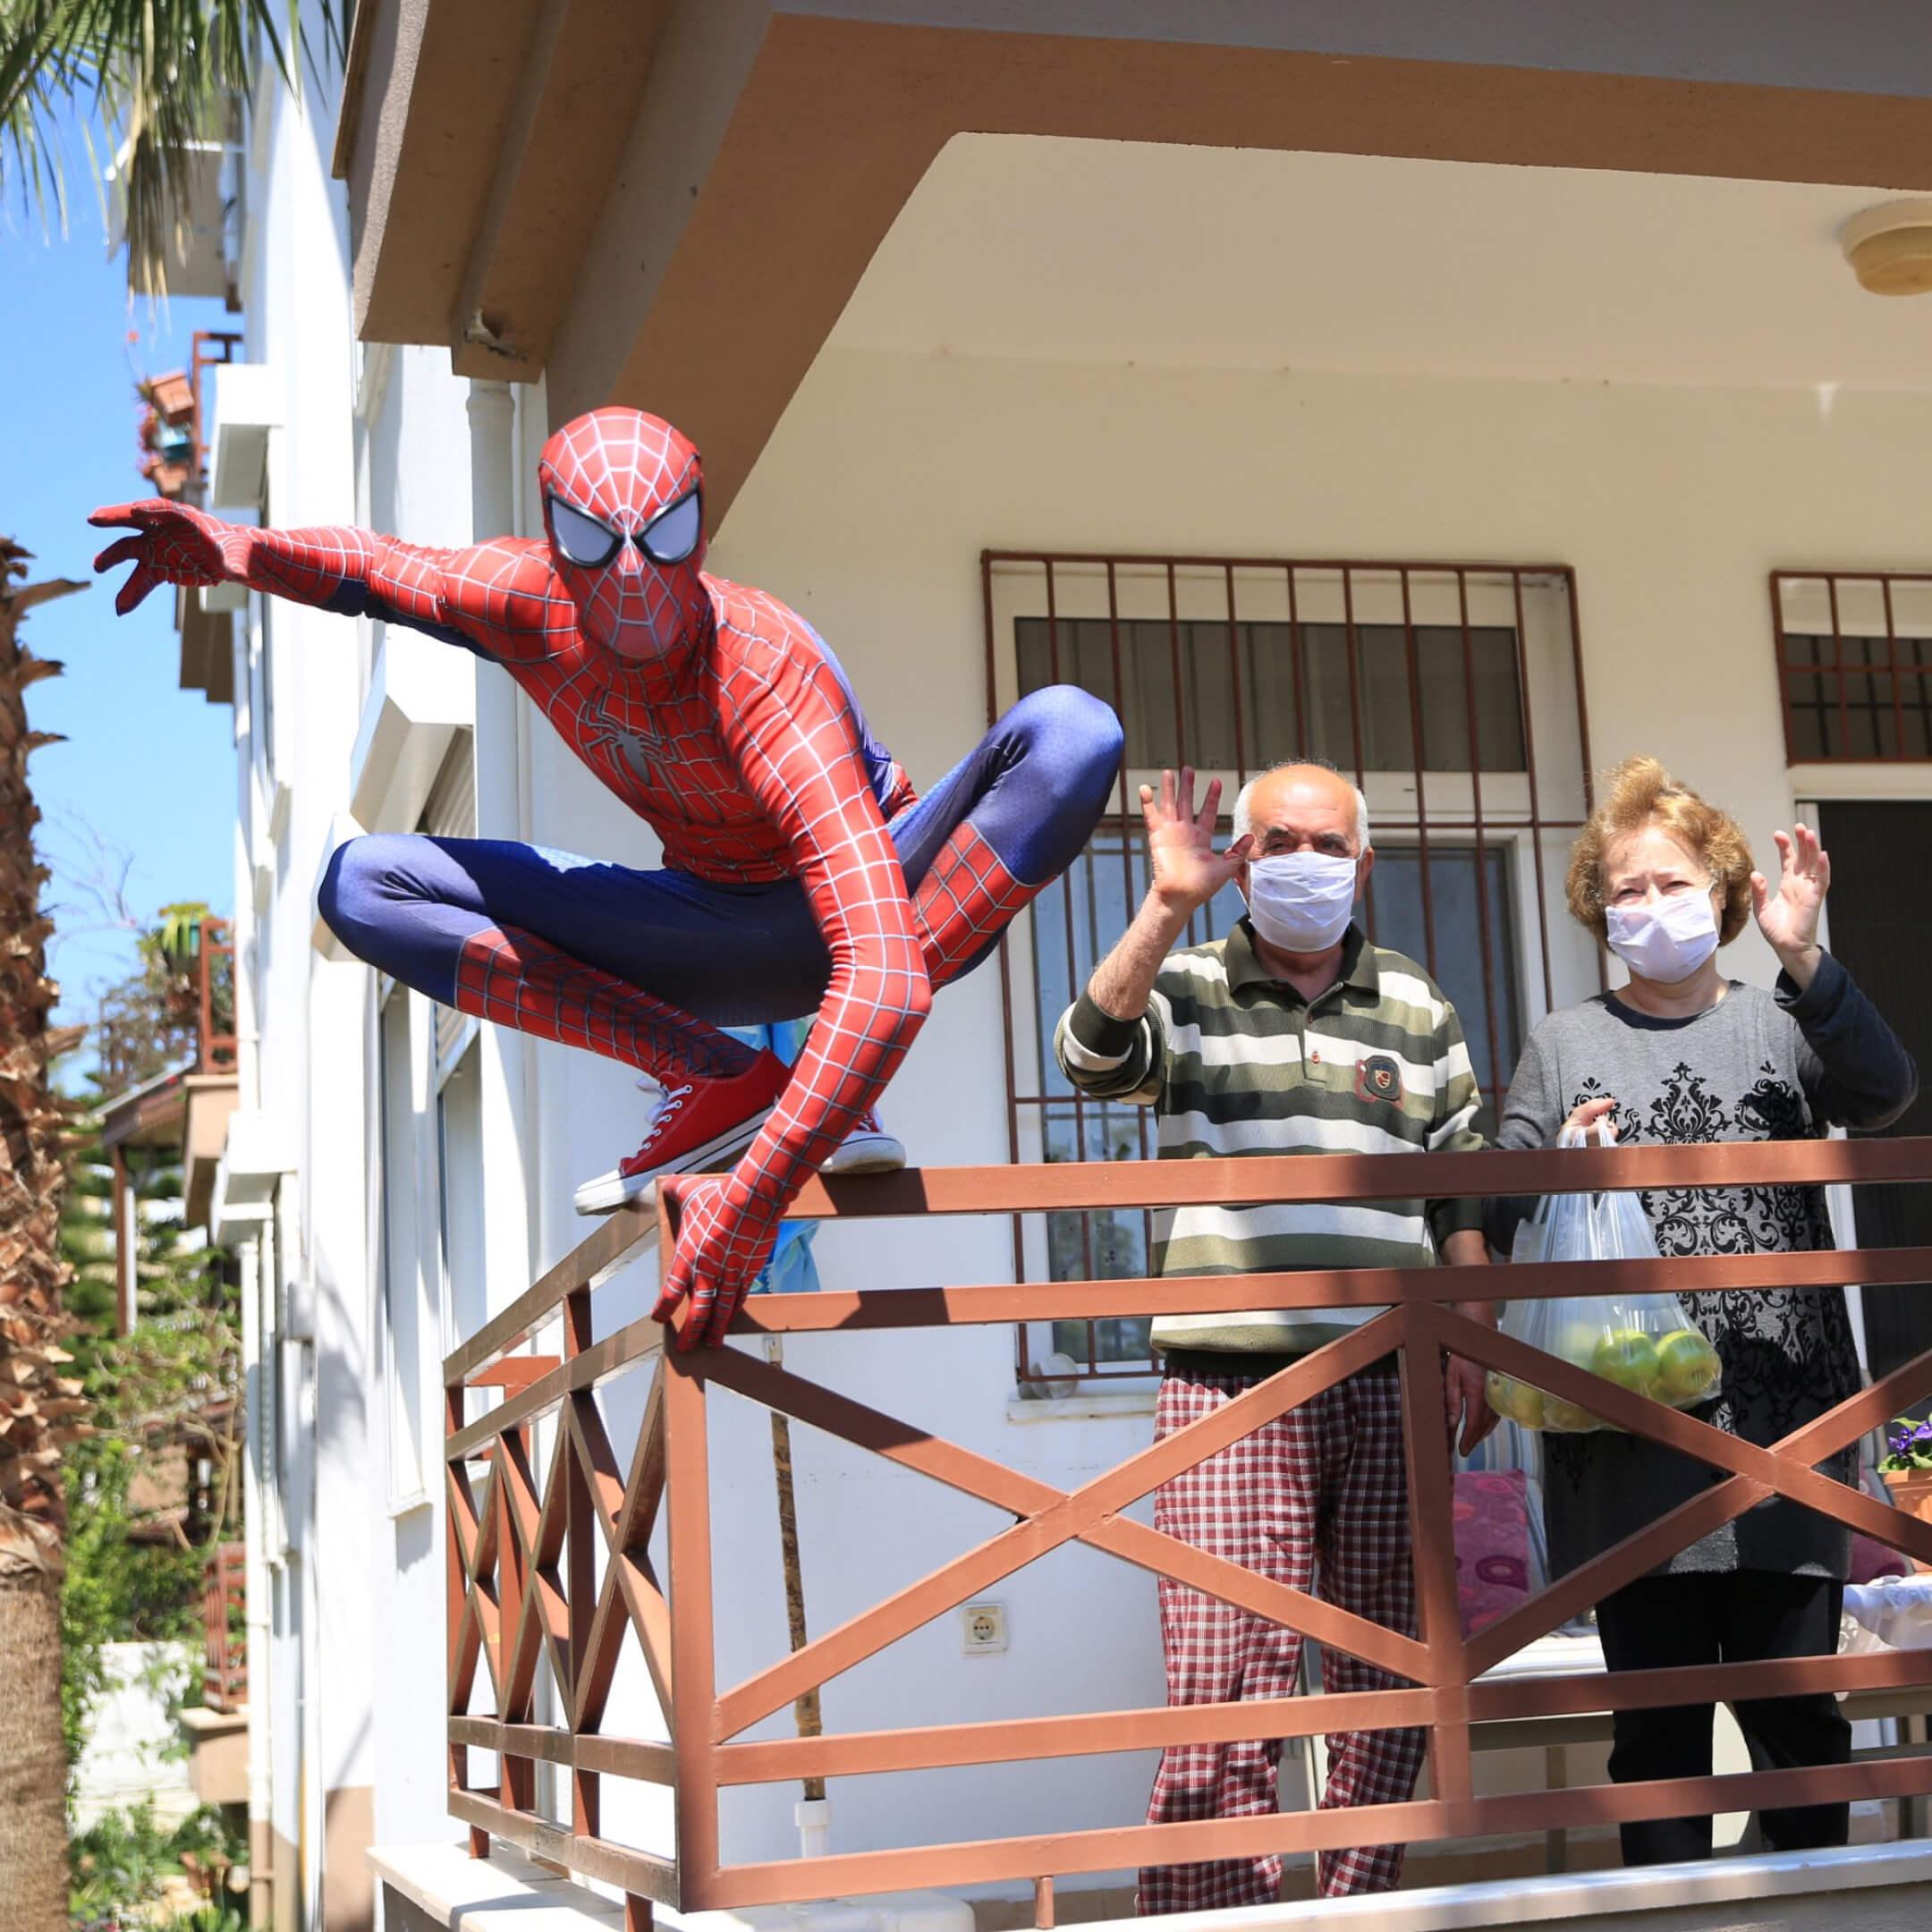 Бурак Сойлу вкостюме Человека-паука разносит продукты людям, которые не выходят издома из-за пандемии / Анталья, 14апреля 2020г. АAPhoto